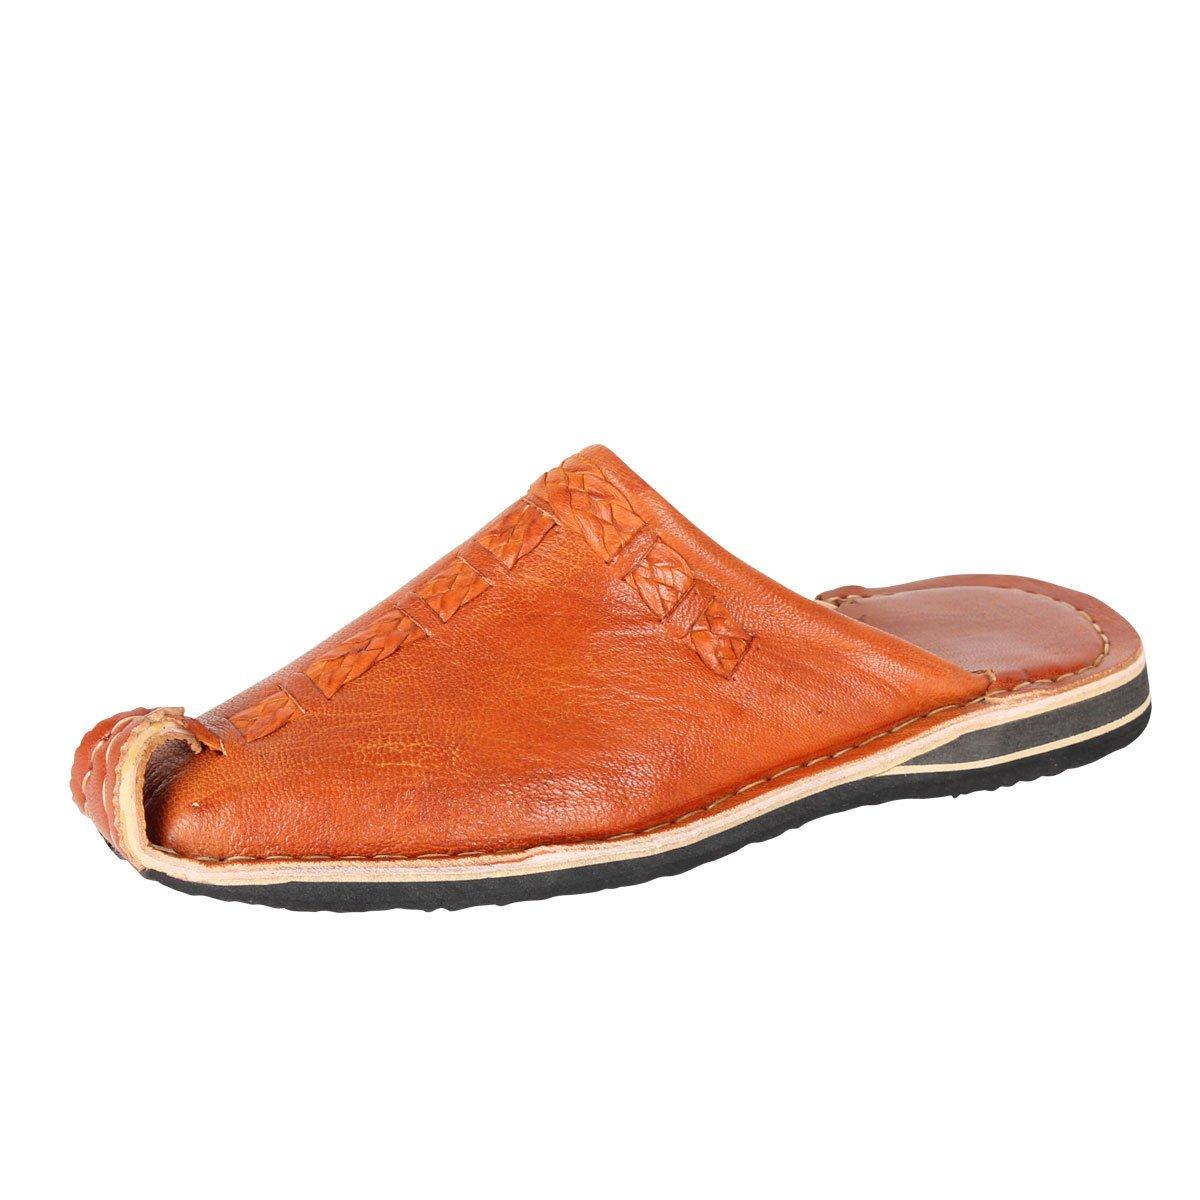 Albena Marokko Galerie Unisex Marokkanische Schuhe Leder Leder Leder Pantoffel Aladin Terra 633336